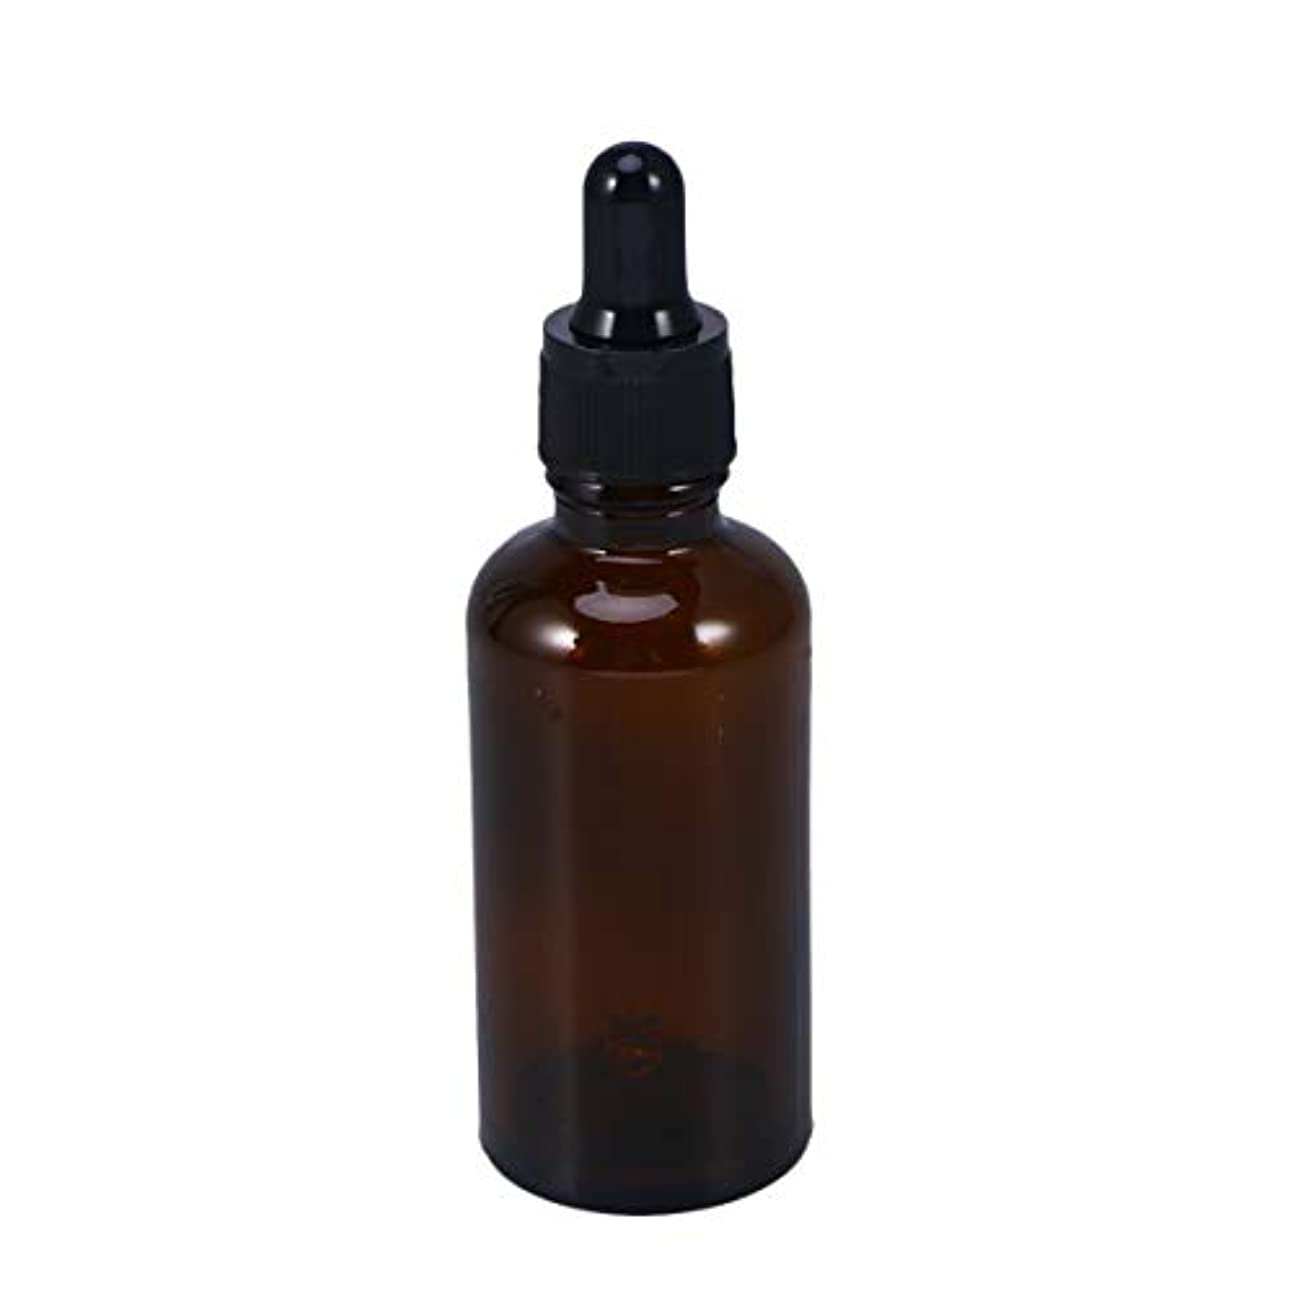 自分のバインドキャリッジFrcolor 遮光瓶 スポイト遮光瓶 50ml スポイト付き アロマボトル エッセンシャルオイル 香水 保存容器 ガラス製 茶色 5本セット